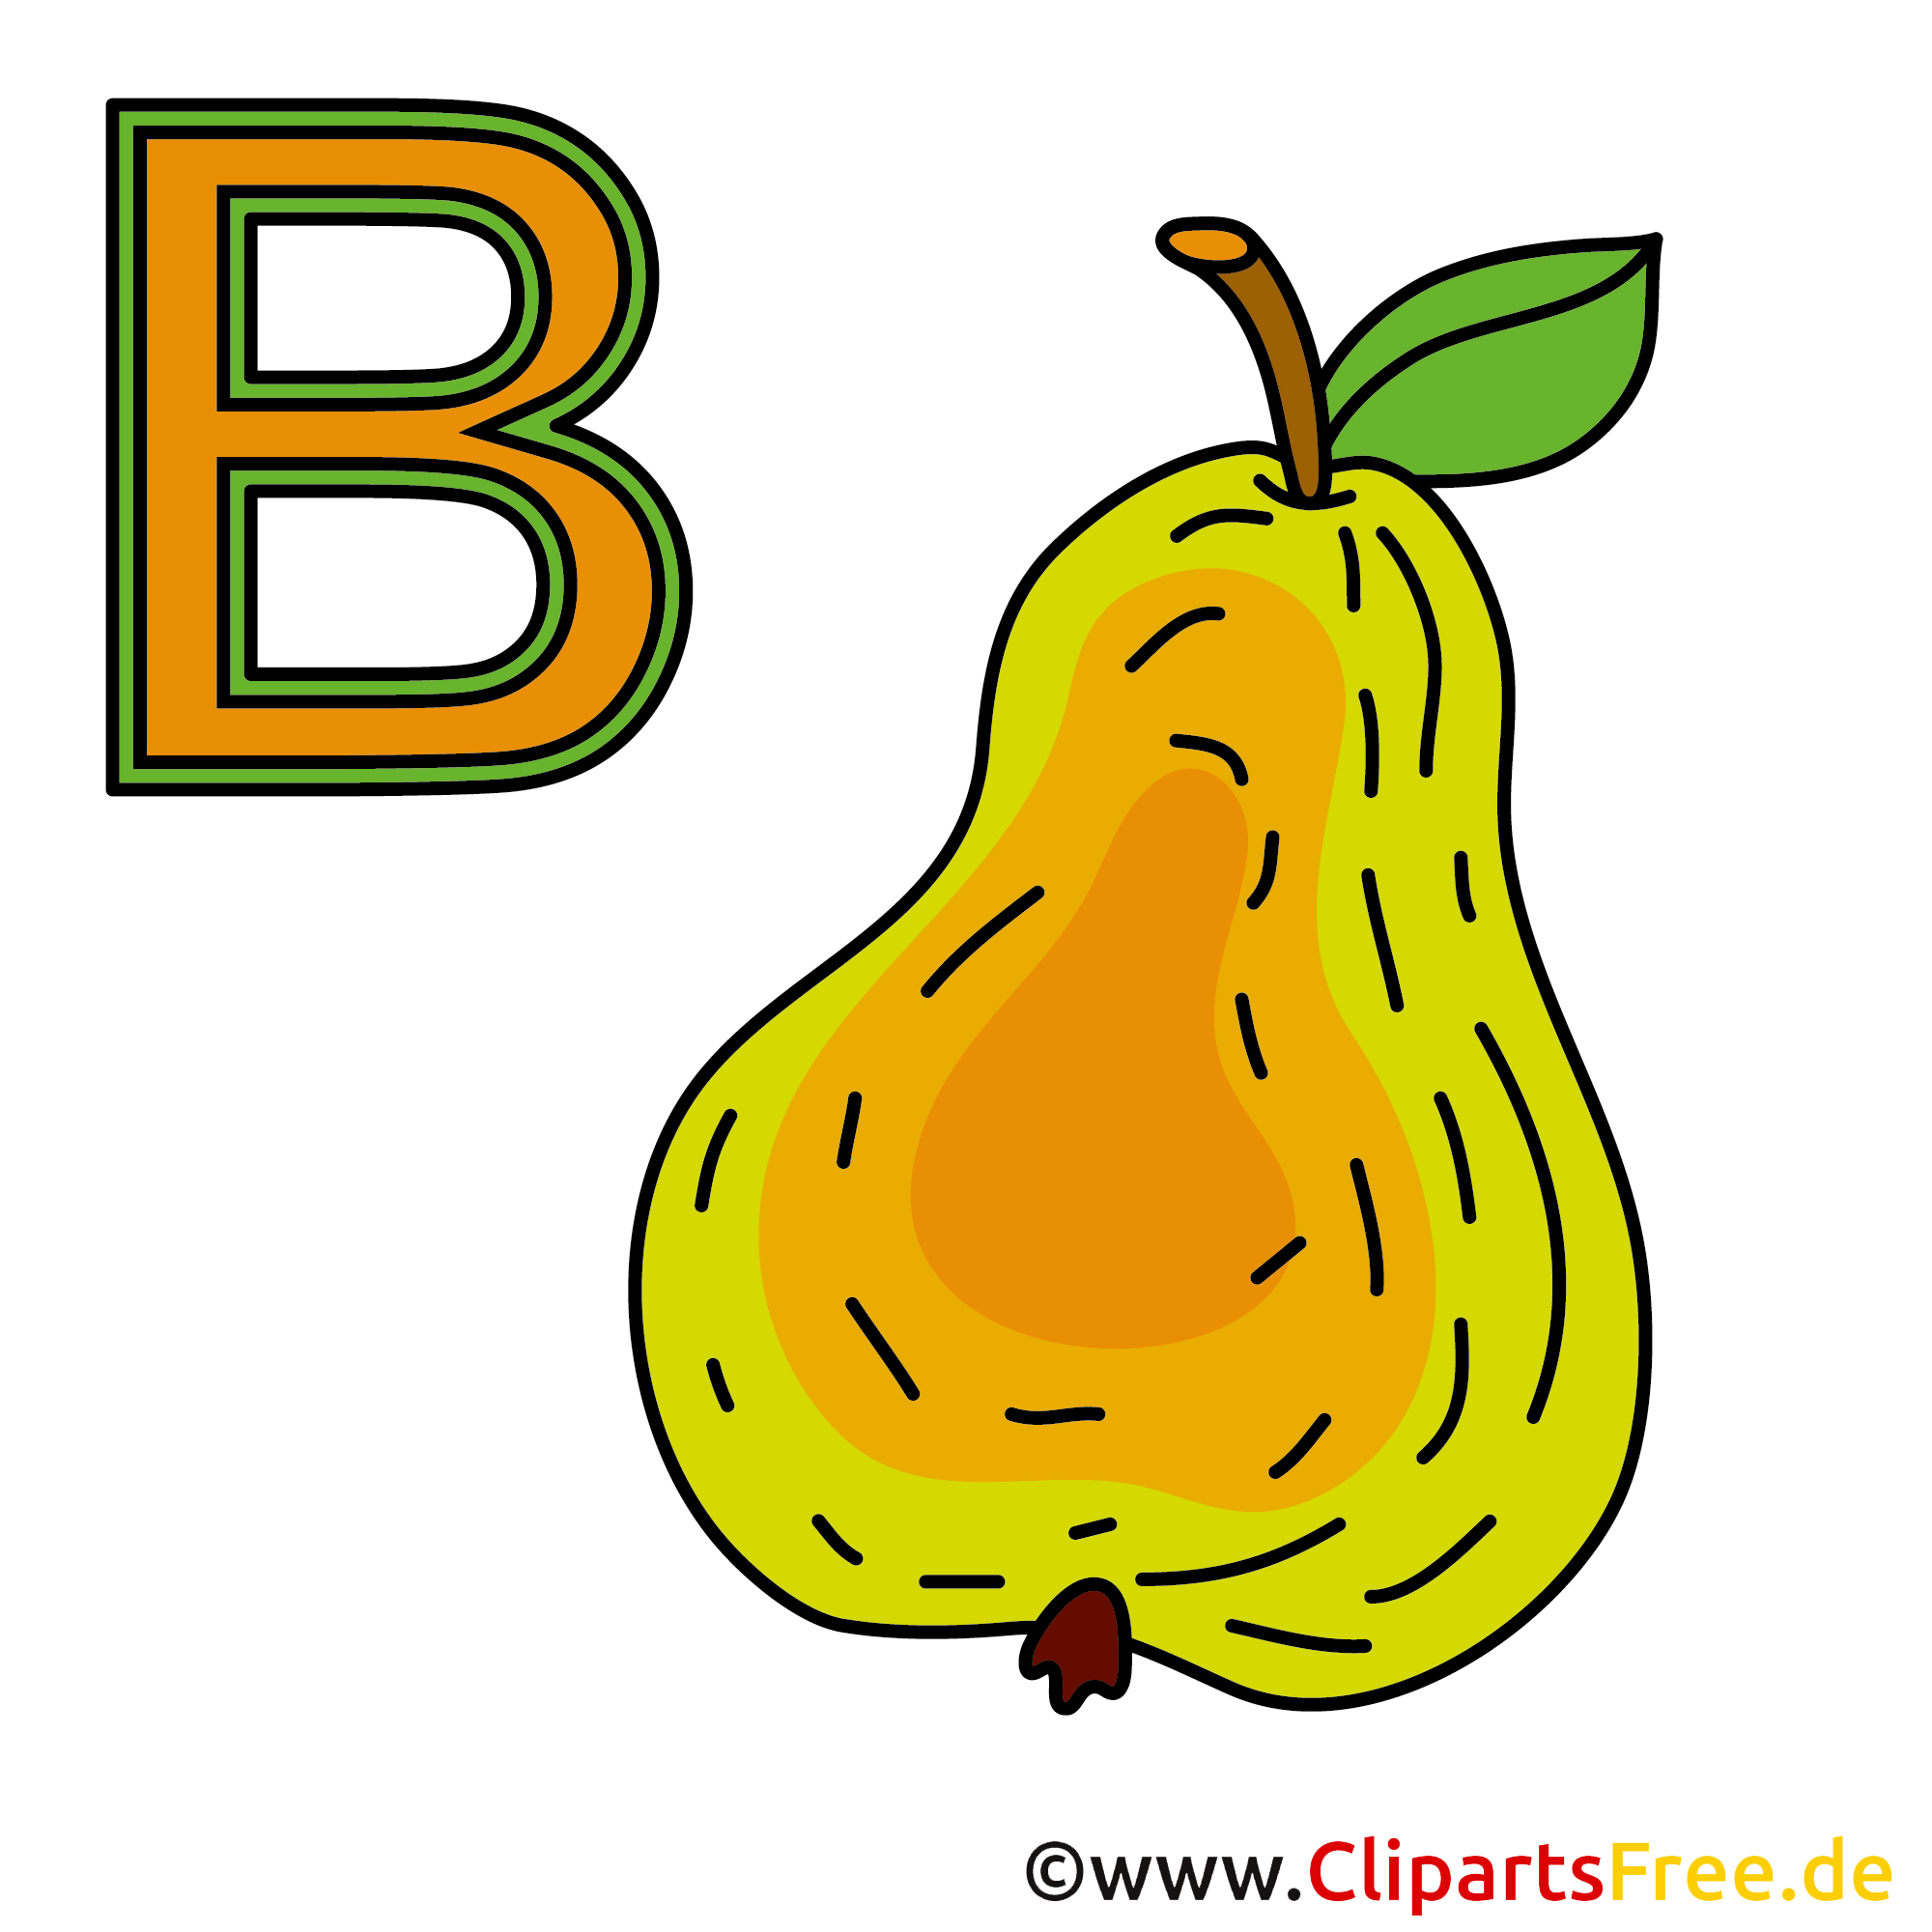 Abc für Kinder - Birne Bild